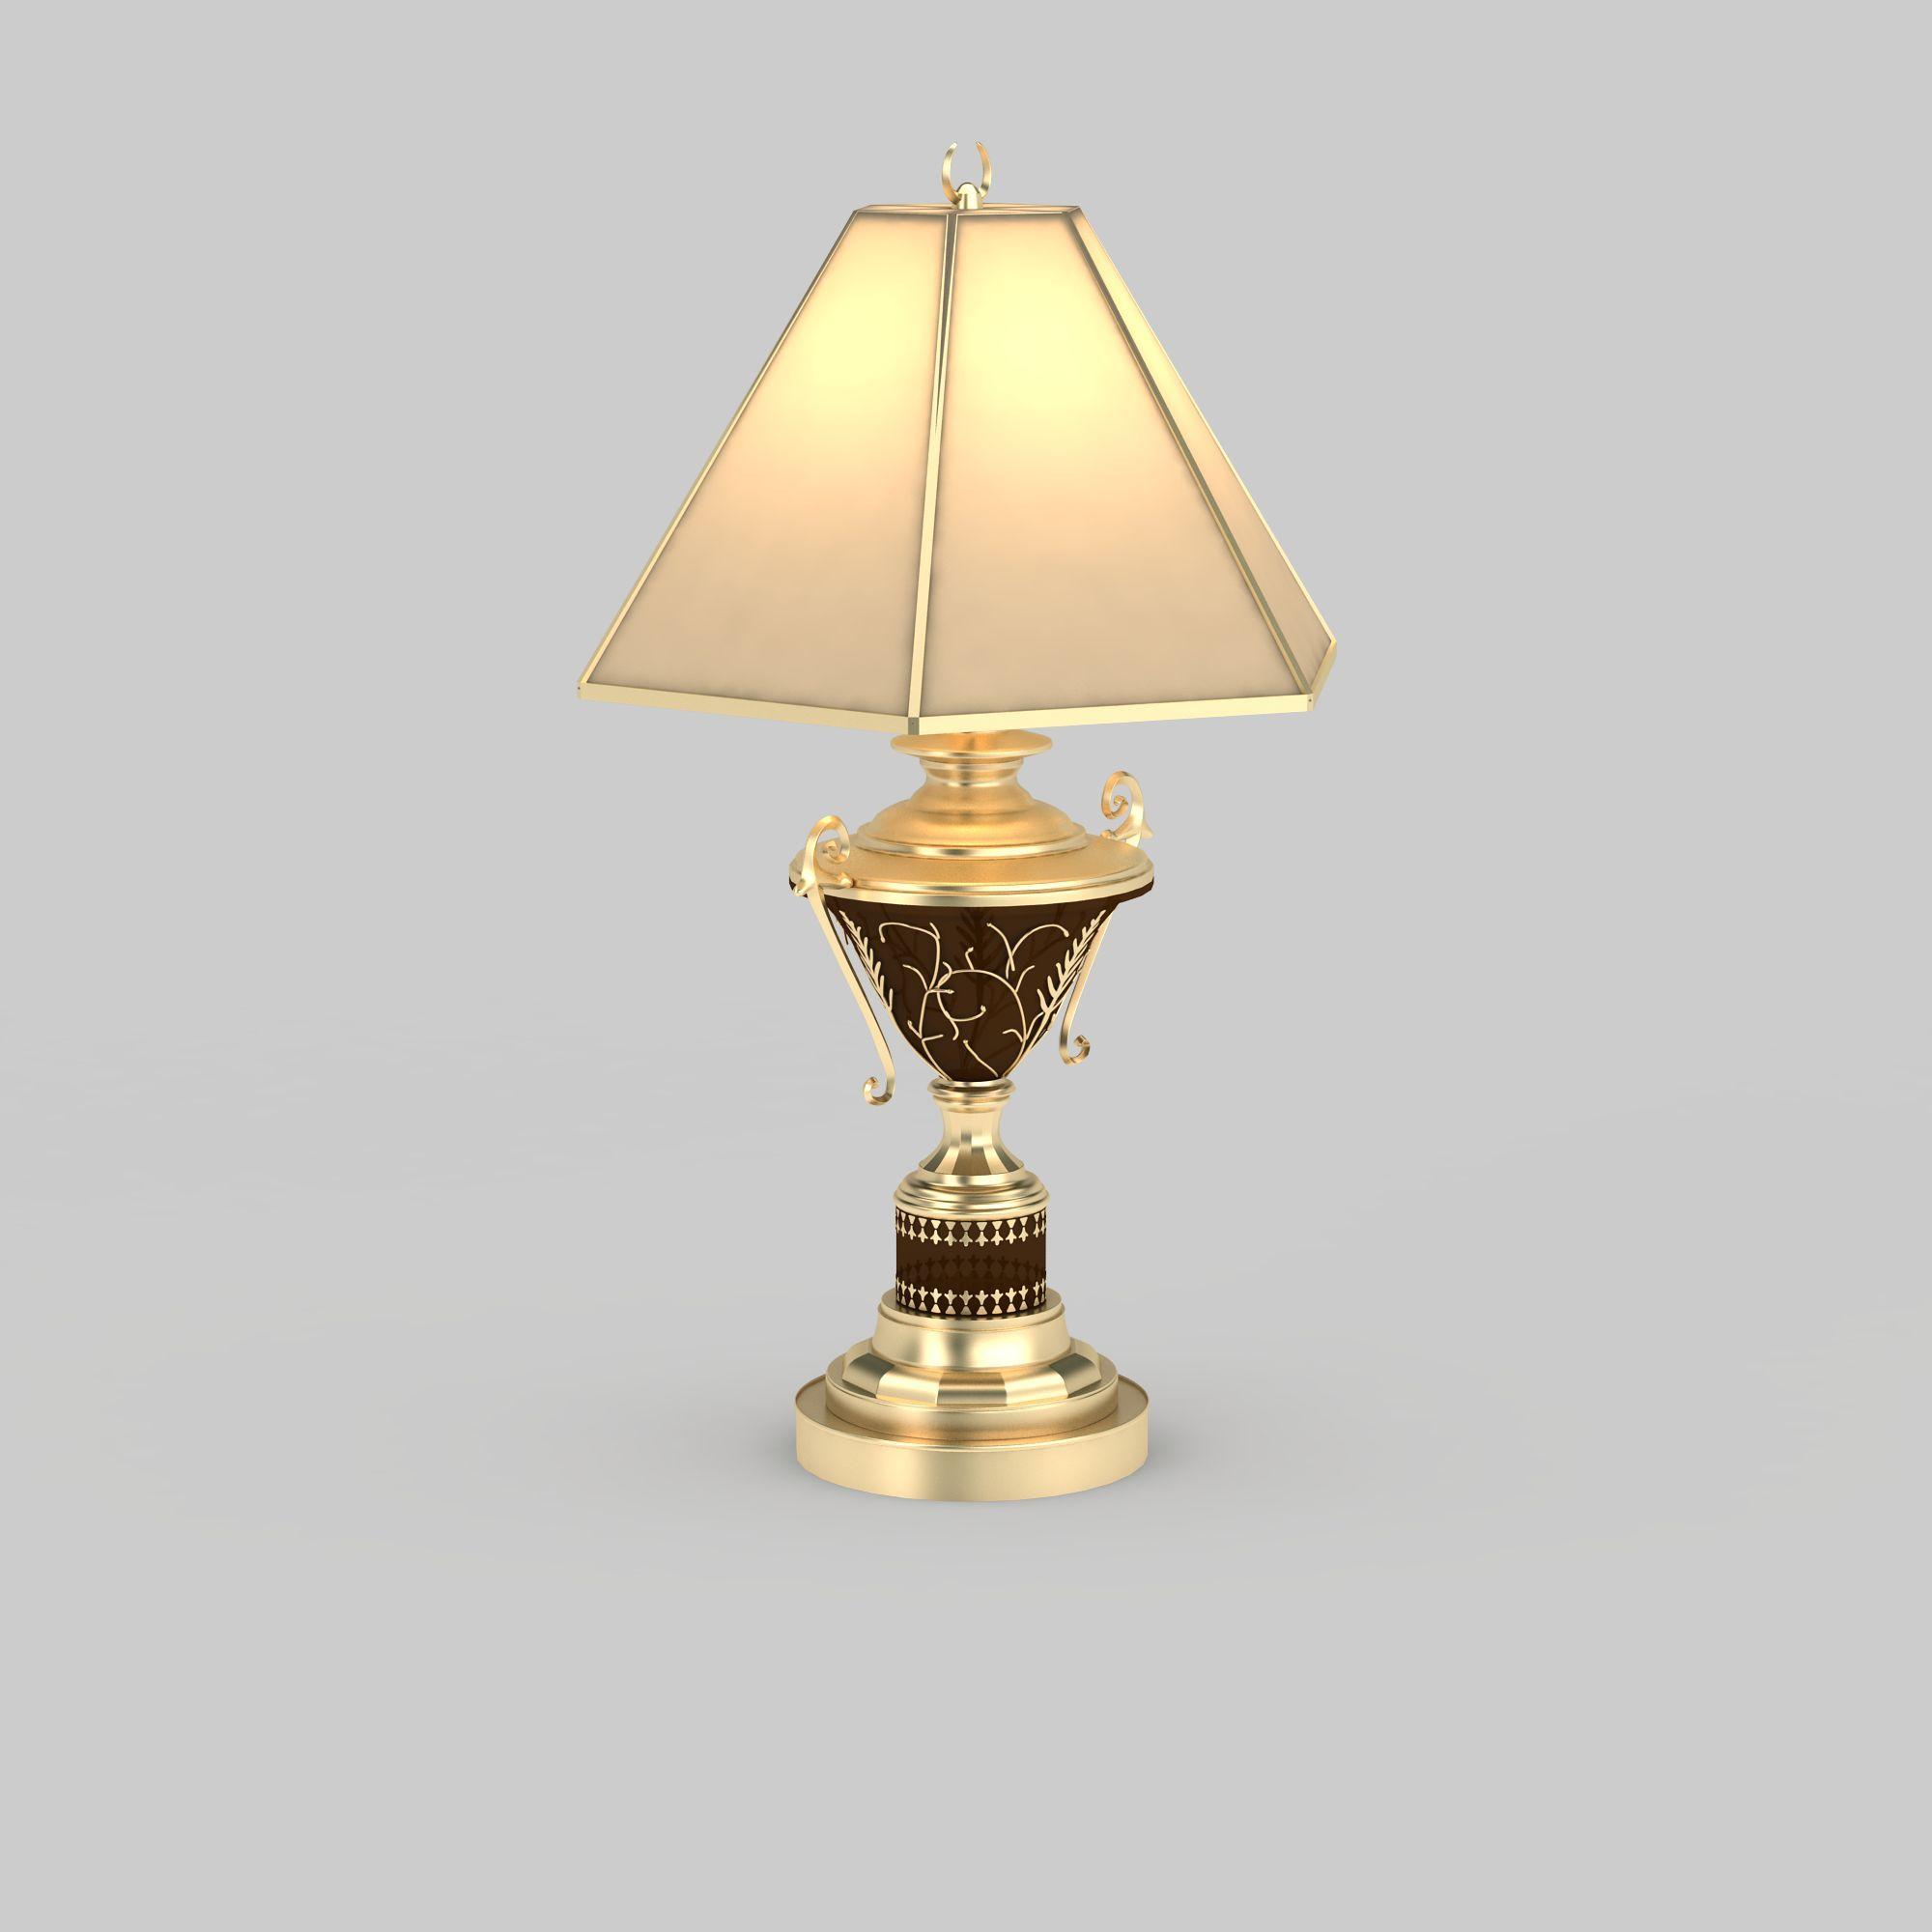 上传时间 2015/12/25  关键词:欧式台灯3d模型台灯3d模型简欧风格台灯图片